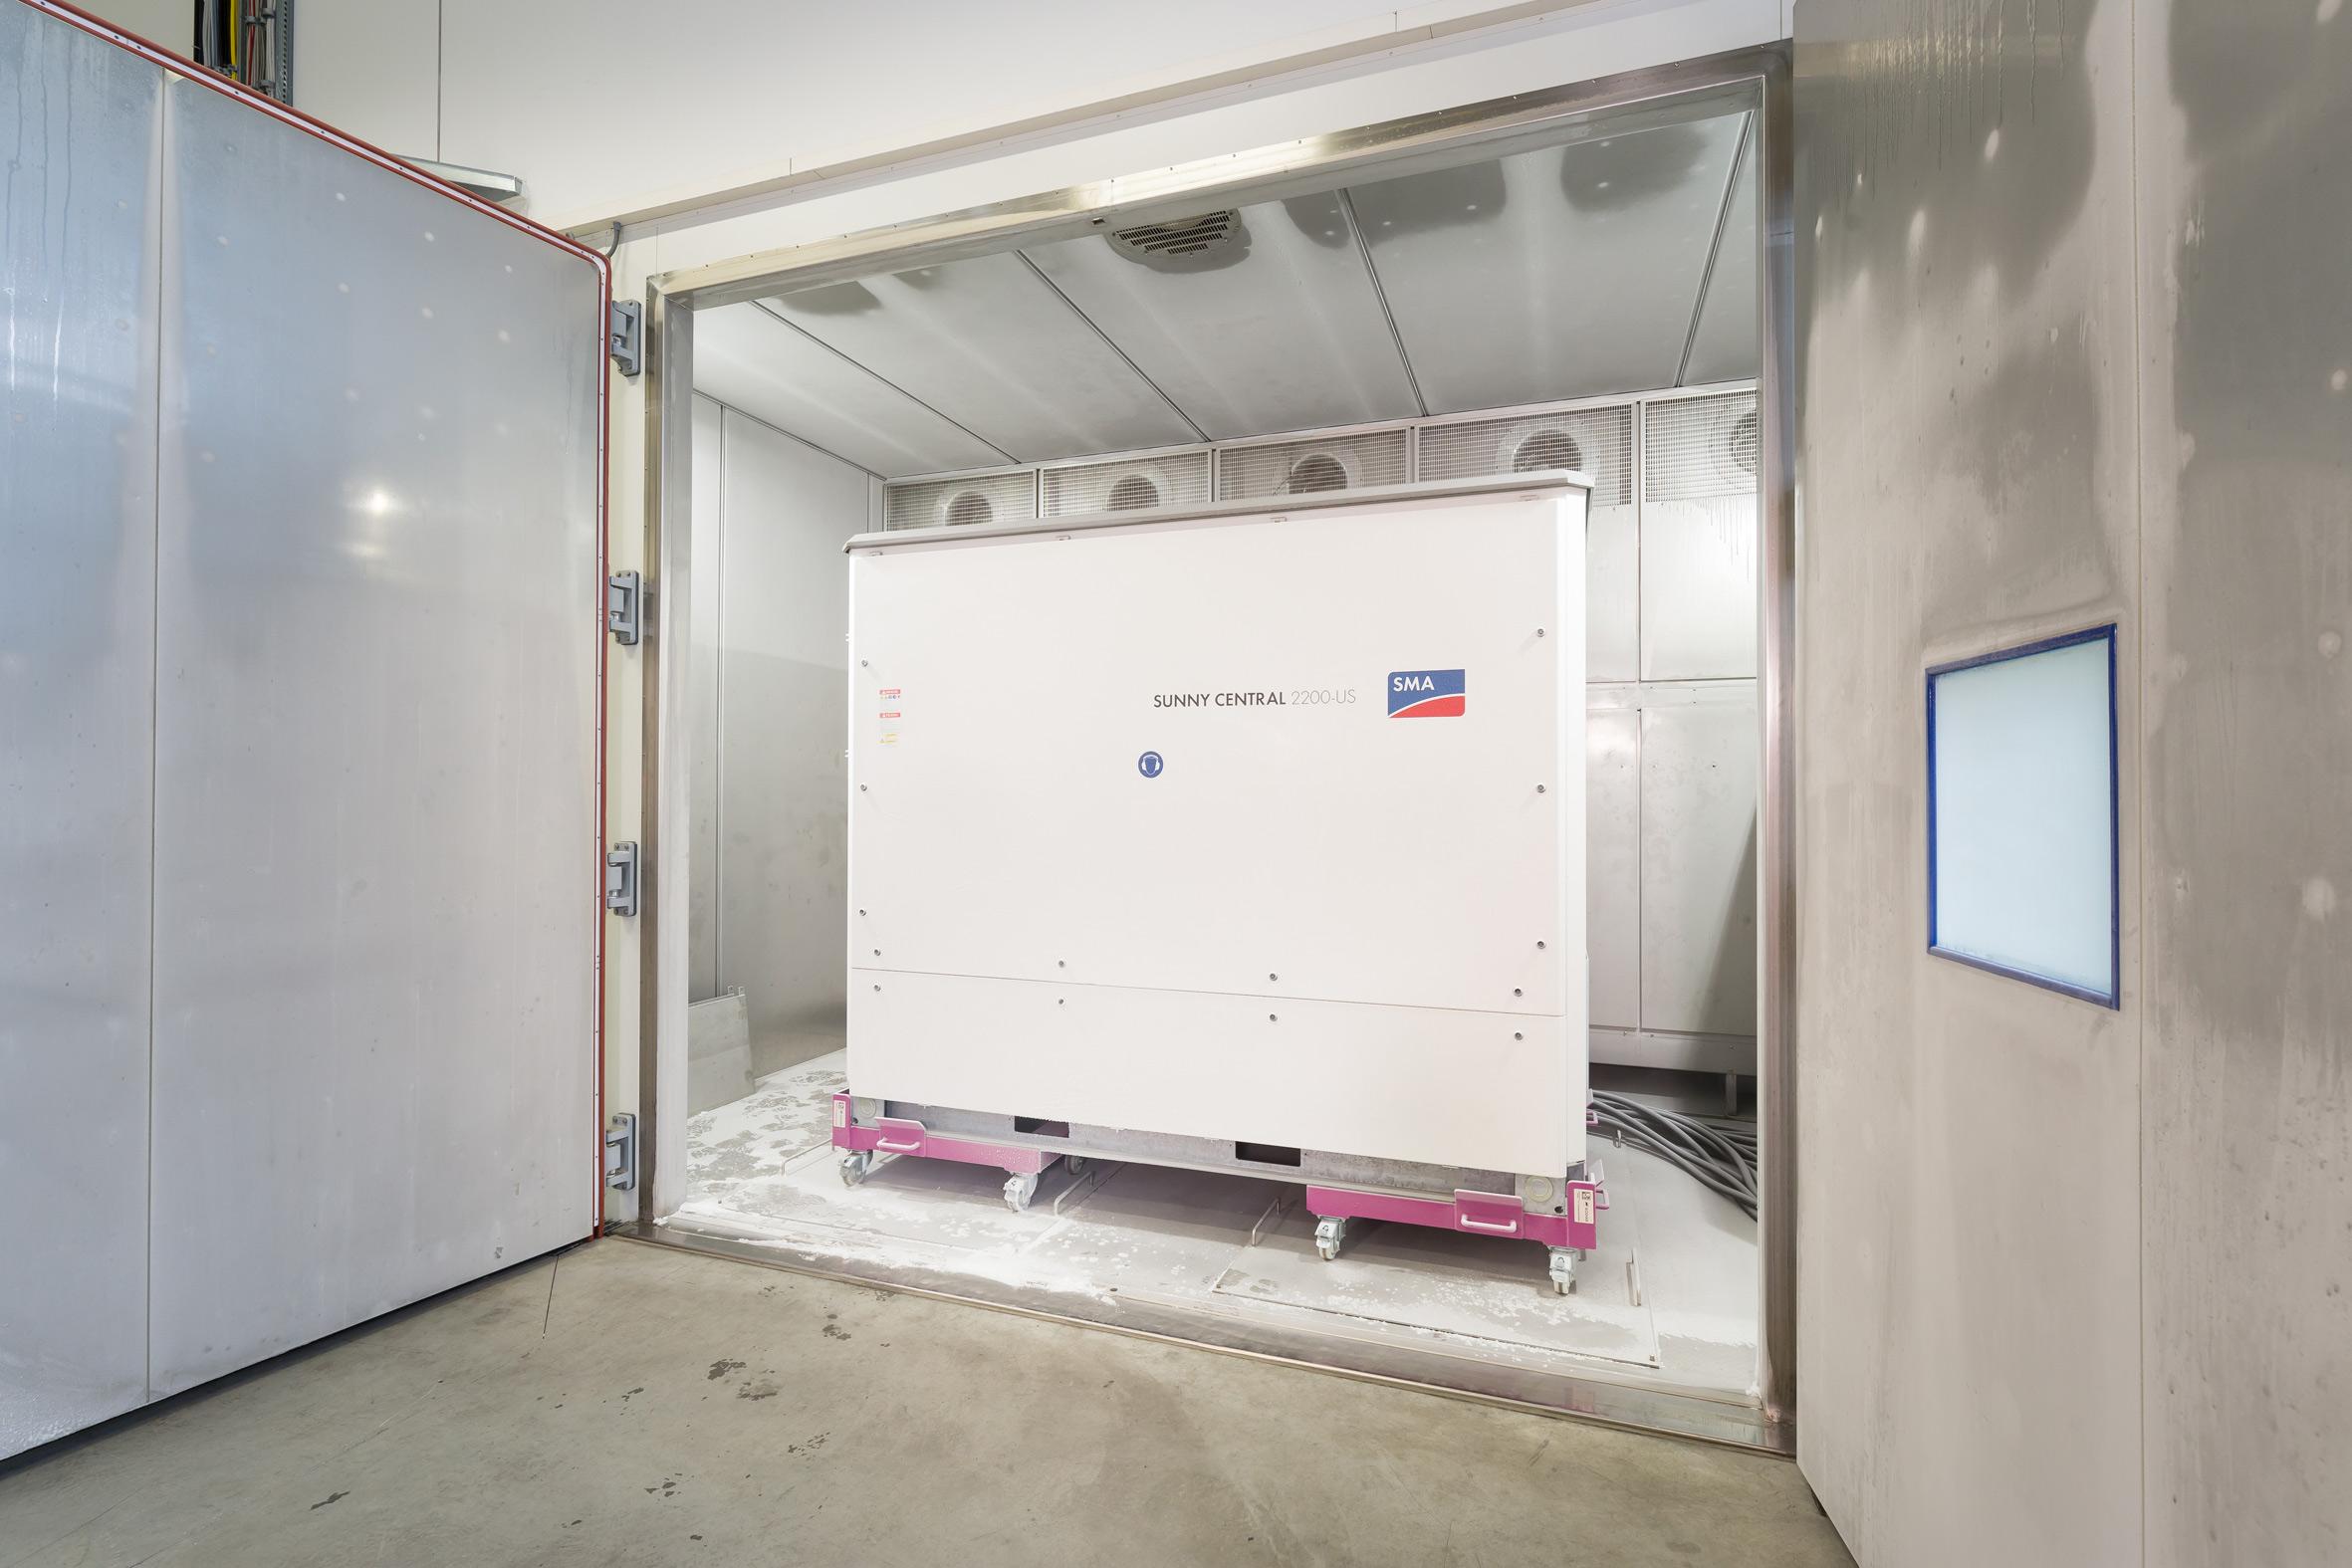 Volle Funktion trotz -70°C: Der Sunny Central in der Kältekammer